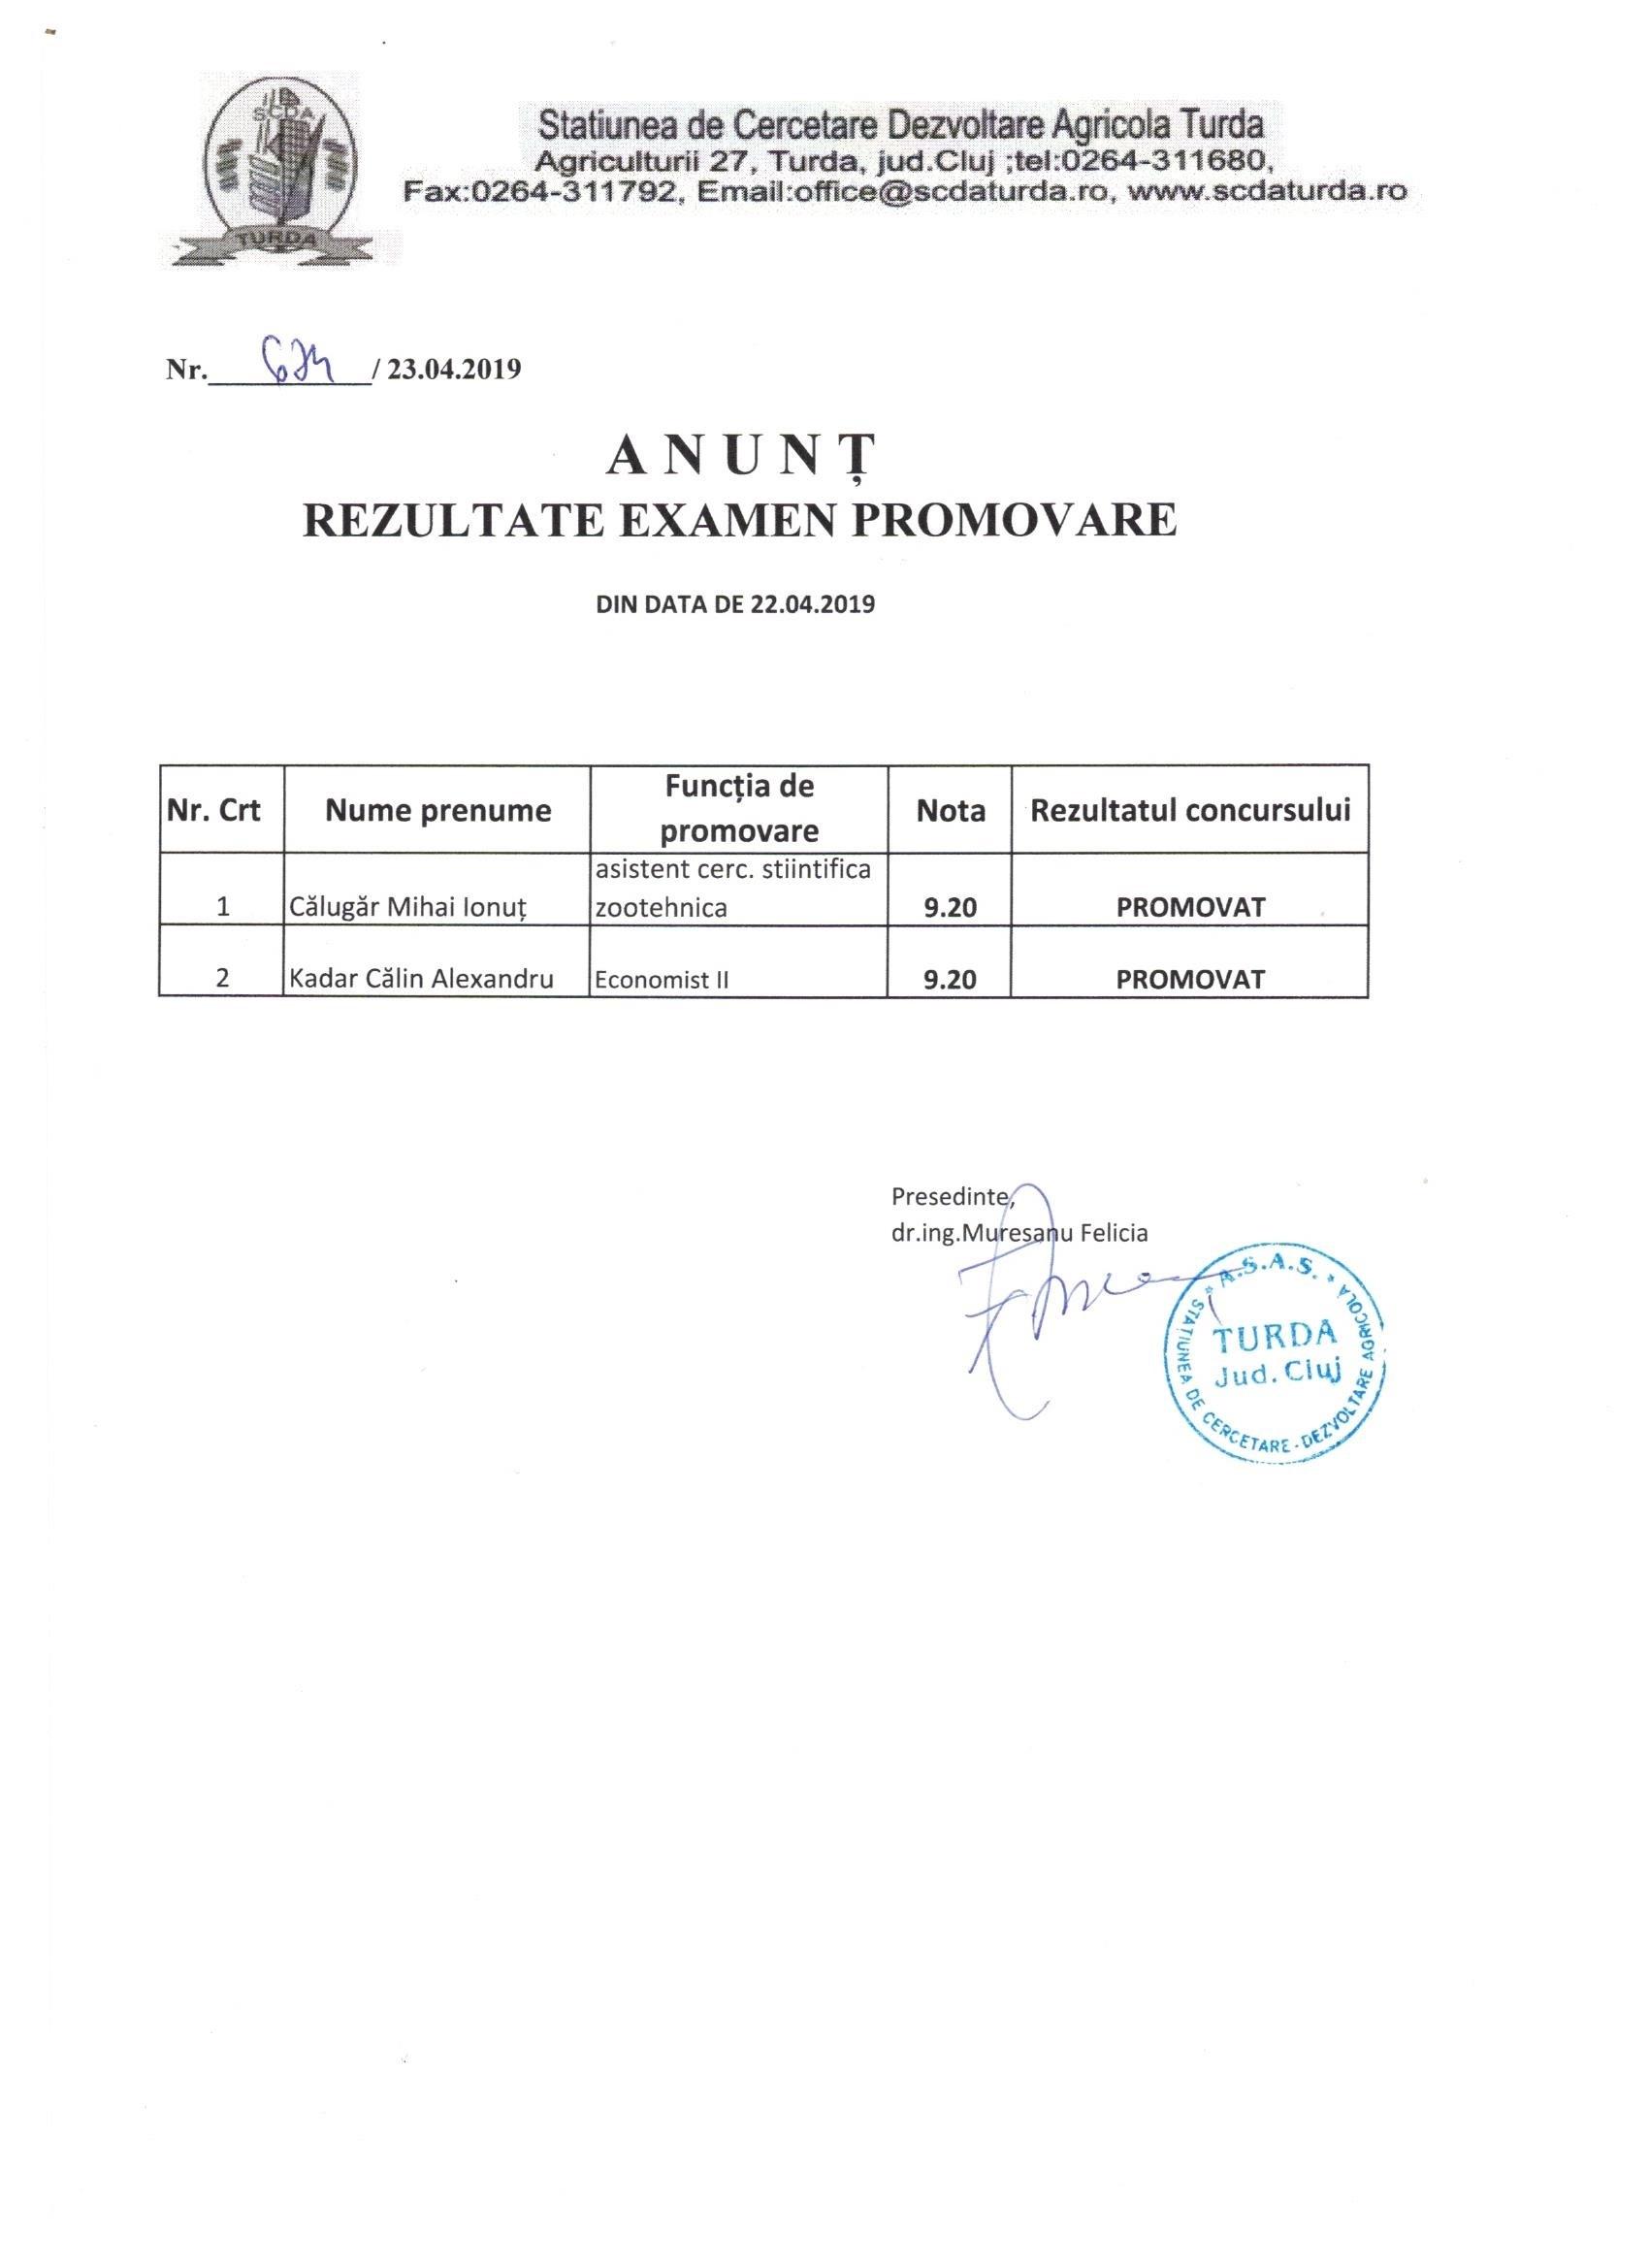 Anunt rezultate examen promovare 23.04.2019